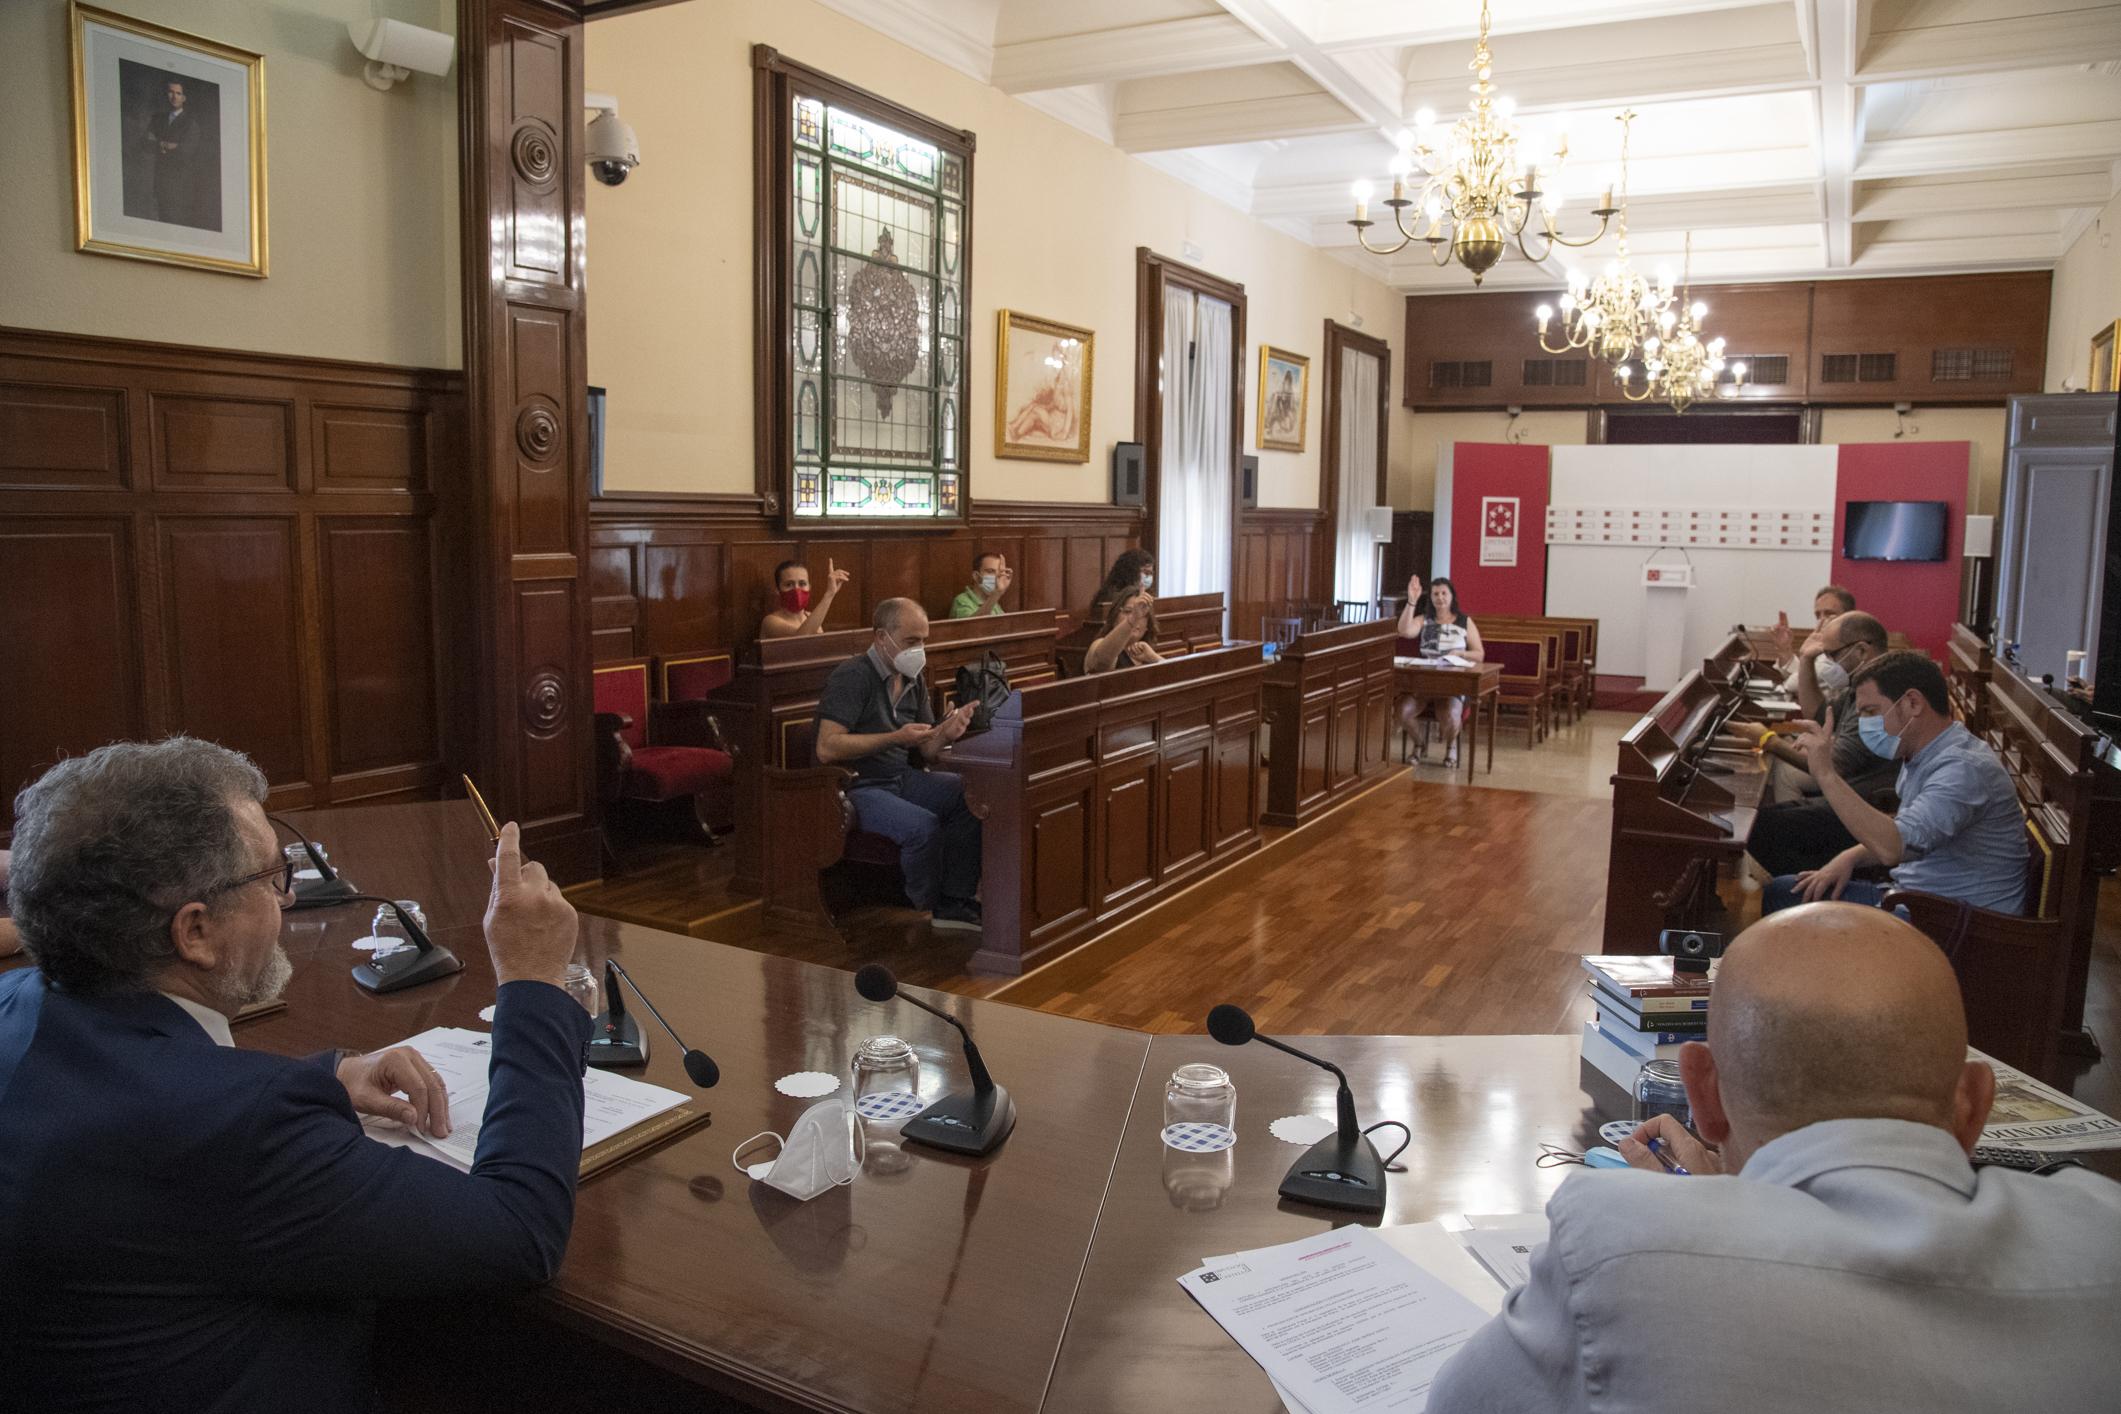 La Diputación de Castellón aprueba una subvención de 12.000 euros a favor de la Federación de Cofradías de Pescadores de Castellón